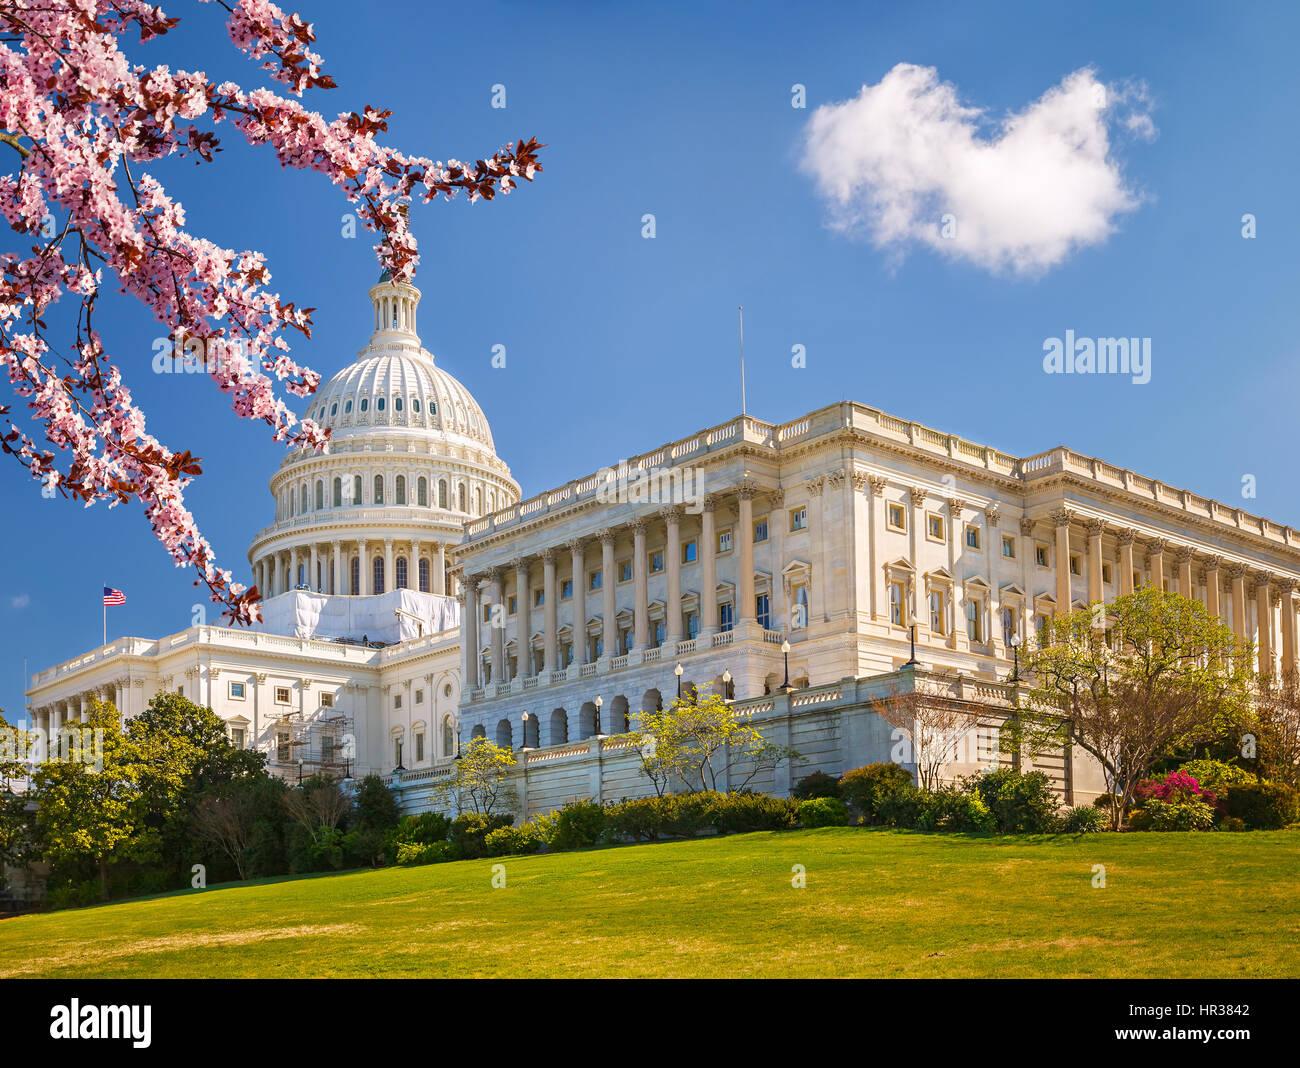 Capitole au printemps journée ensoleillée Banque D'Images